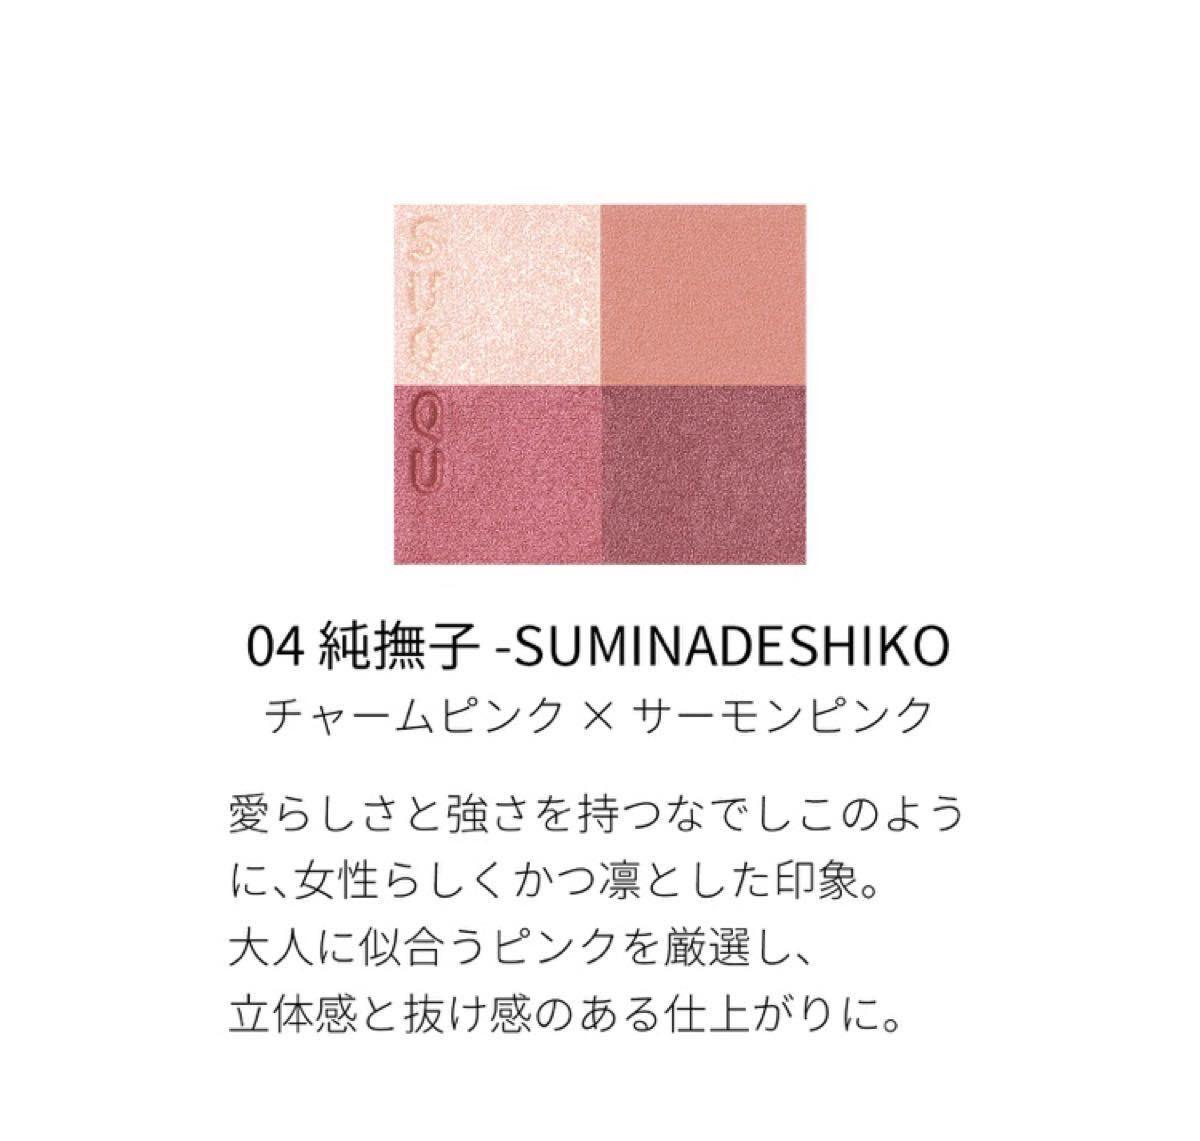 スック SUQQU シグニチャー カラー アイズ 04 純撫子 - SUMINADESHIKO